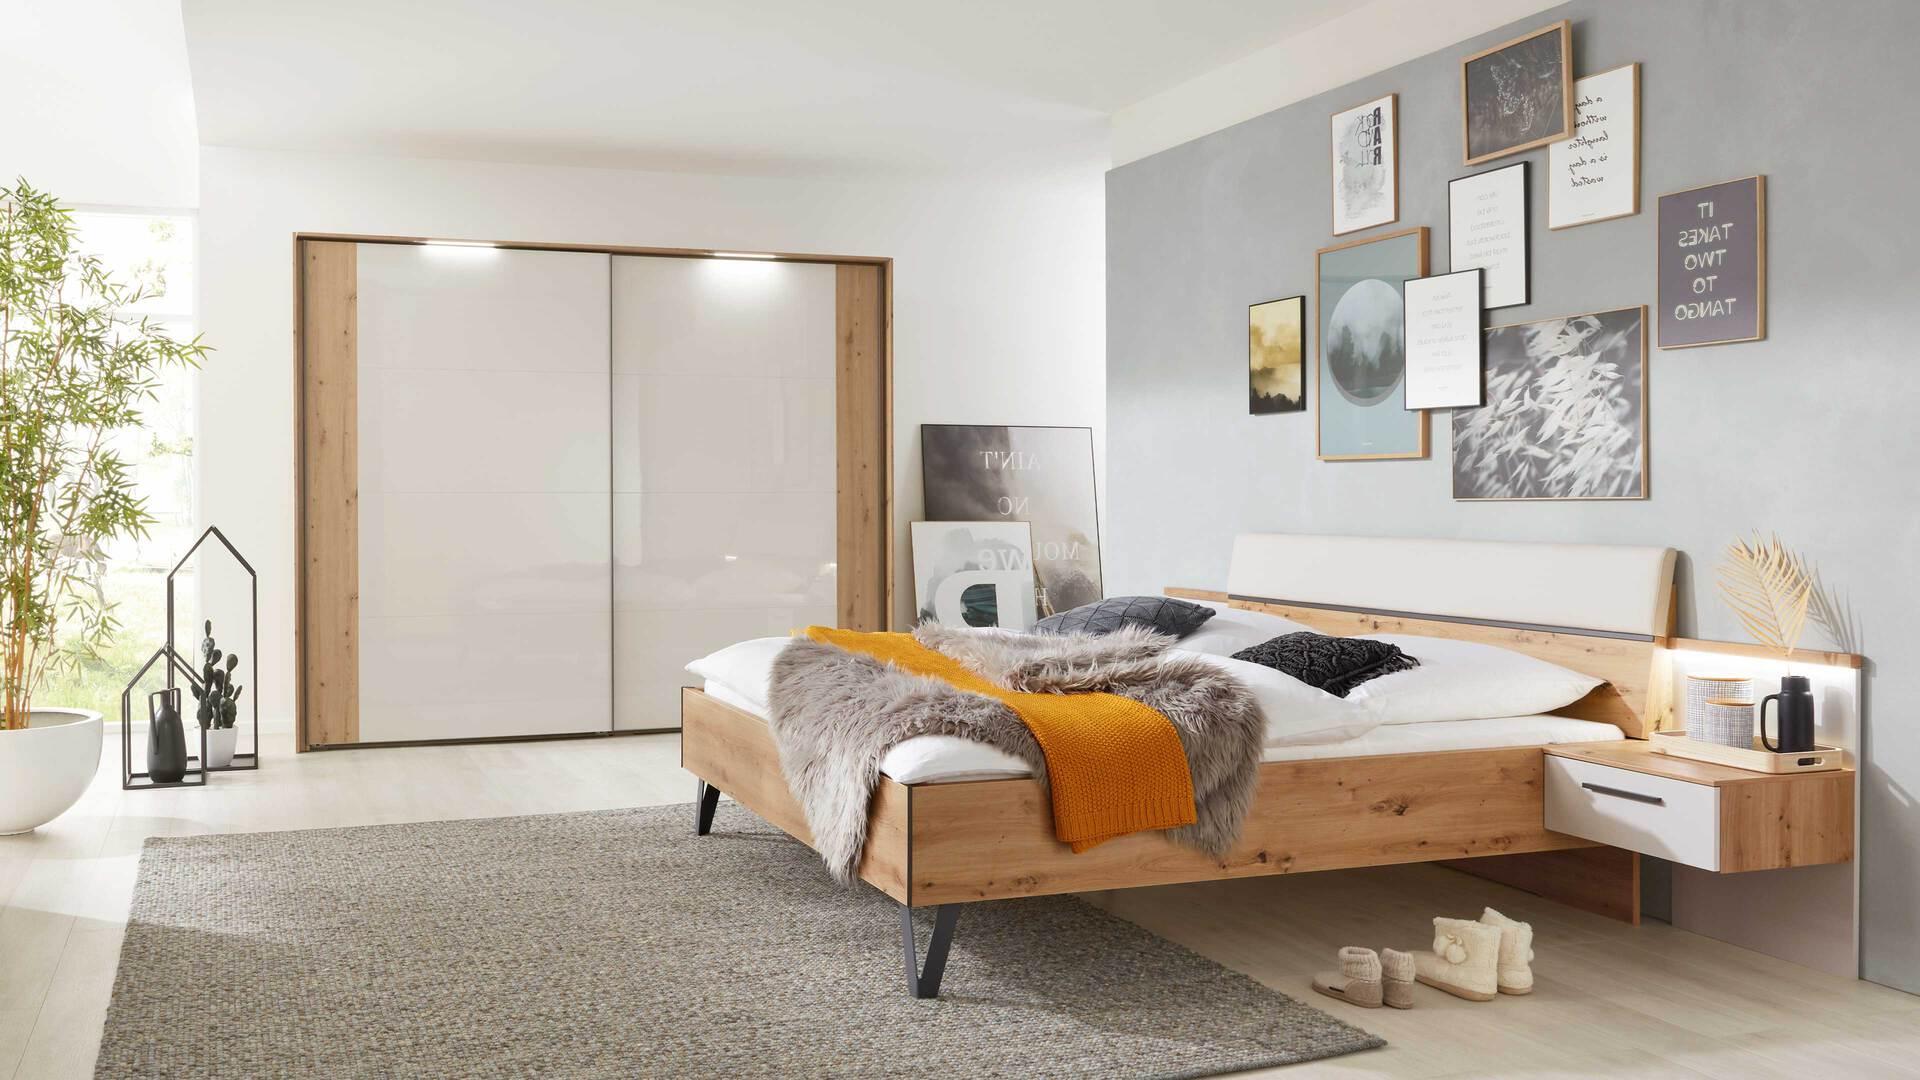 Interliving Schlafzimmer Serie 1021 – Komplettzimmer mit Beleuchtung